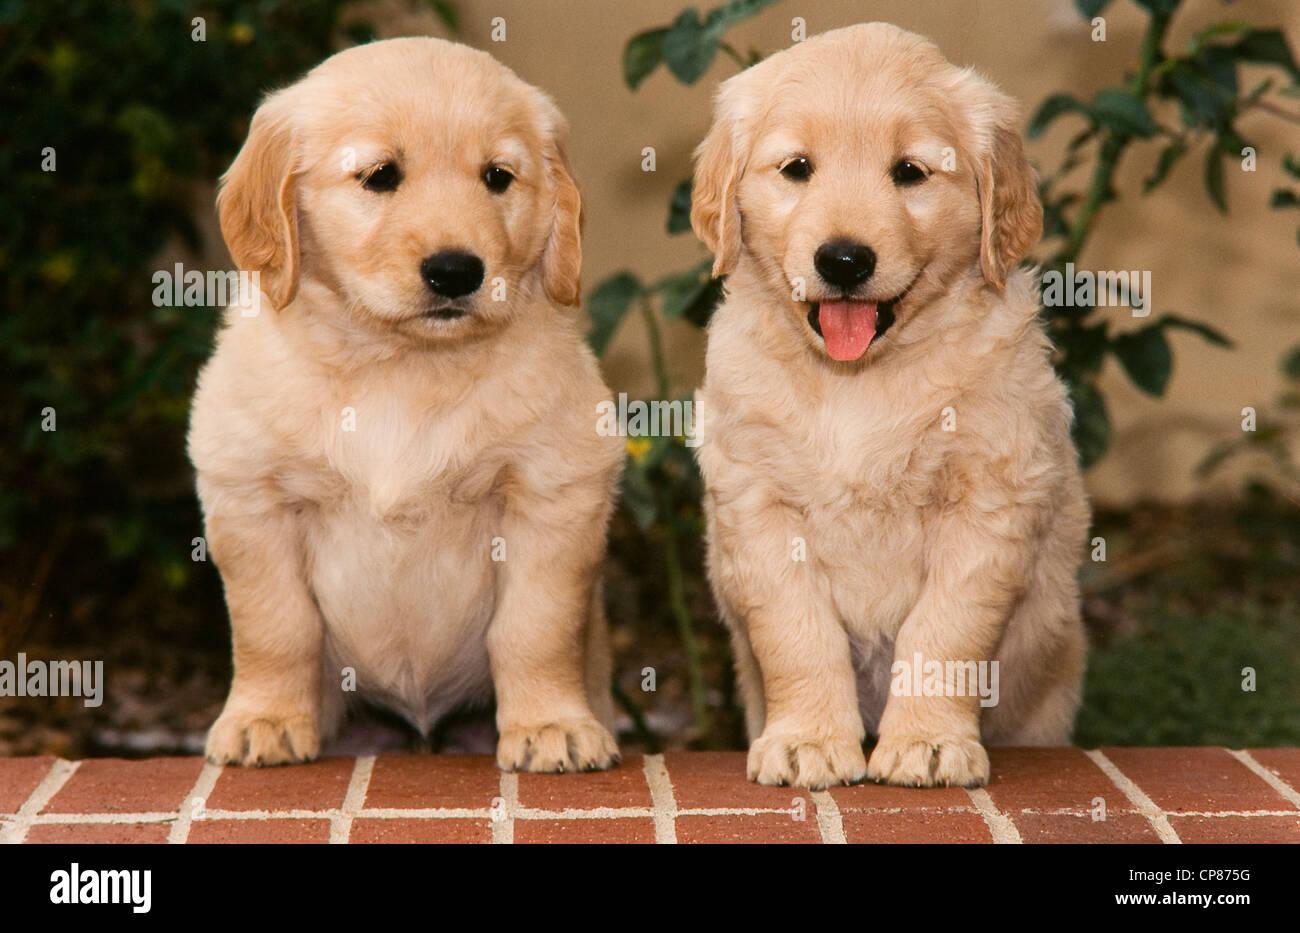 Deux chiots Golden Retriever sur rebord de brique Photo Stock